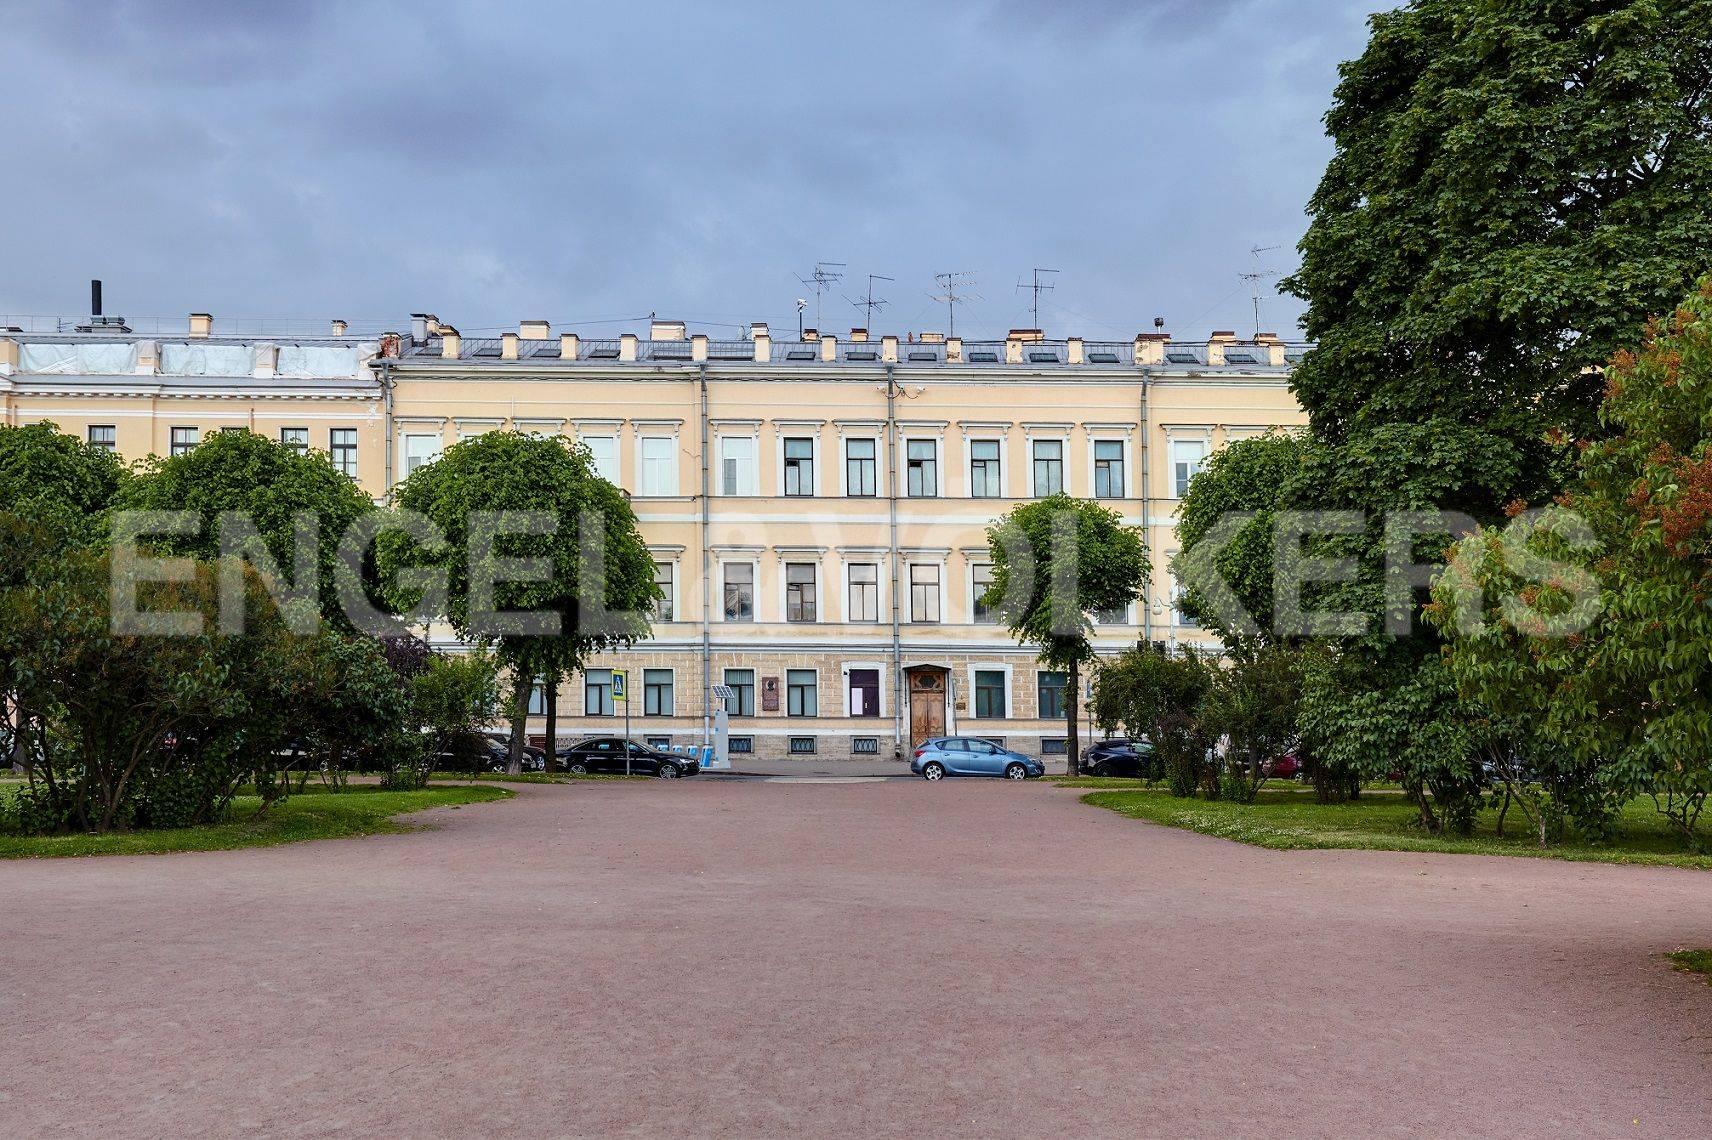 Элитные квартиры в Центральный р-н. Санкт-Петербург, Марсово поле, 3. Фасад дома (часть архитектурного ансамбля Марсова поля)